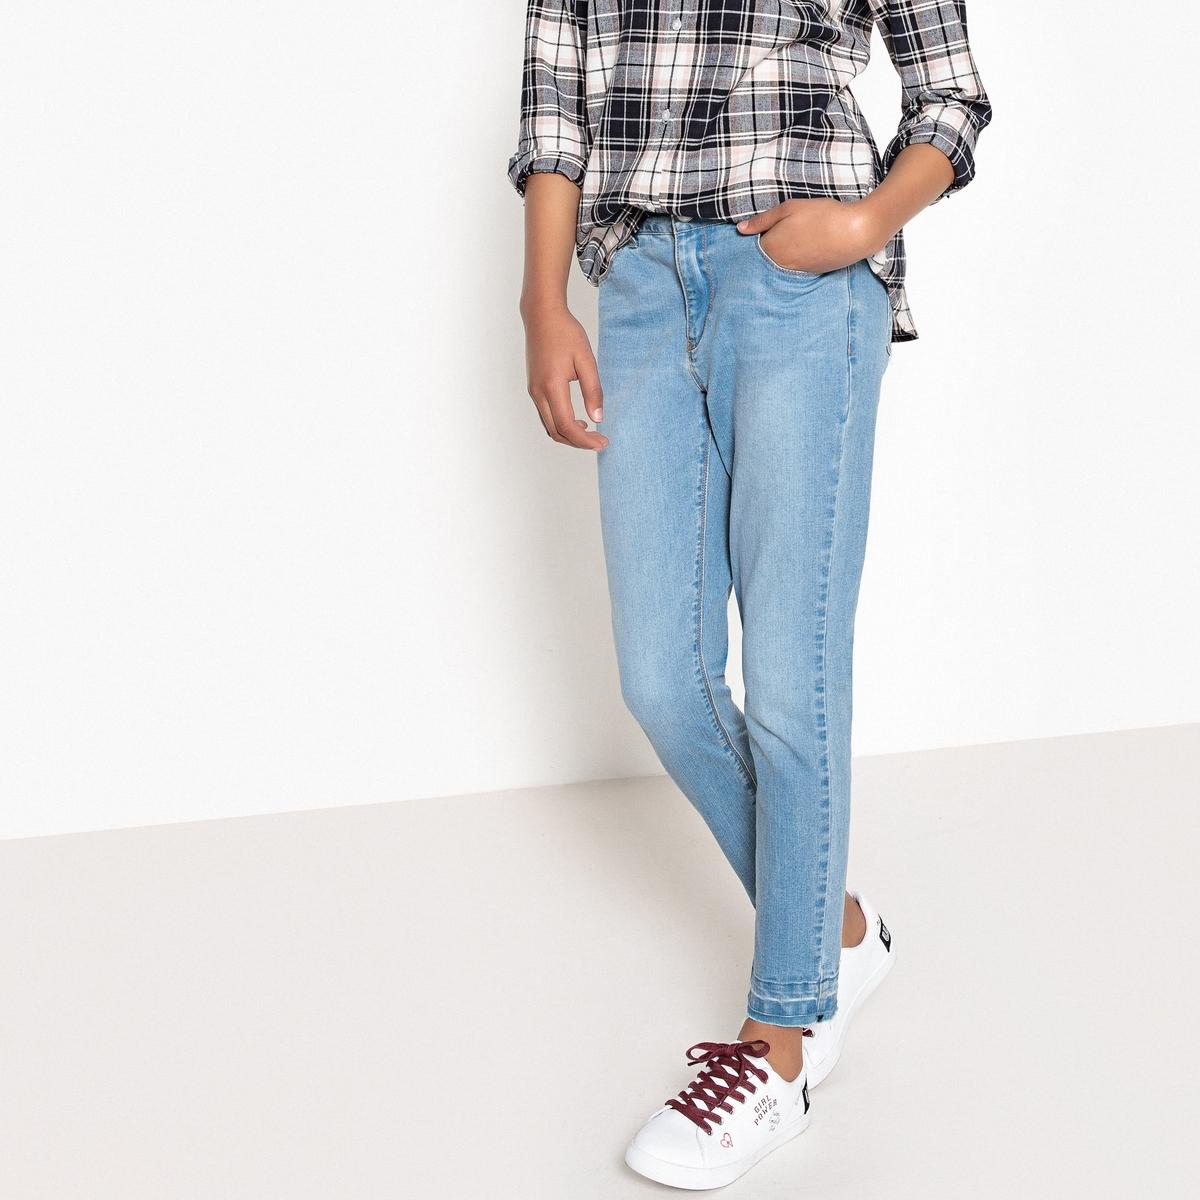 Джинсы-скинни с распущенными краями и вышивкой, 10-16 лет джинсы скинни облегающие для девочек 3 12 лет